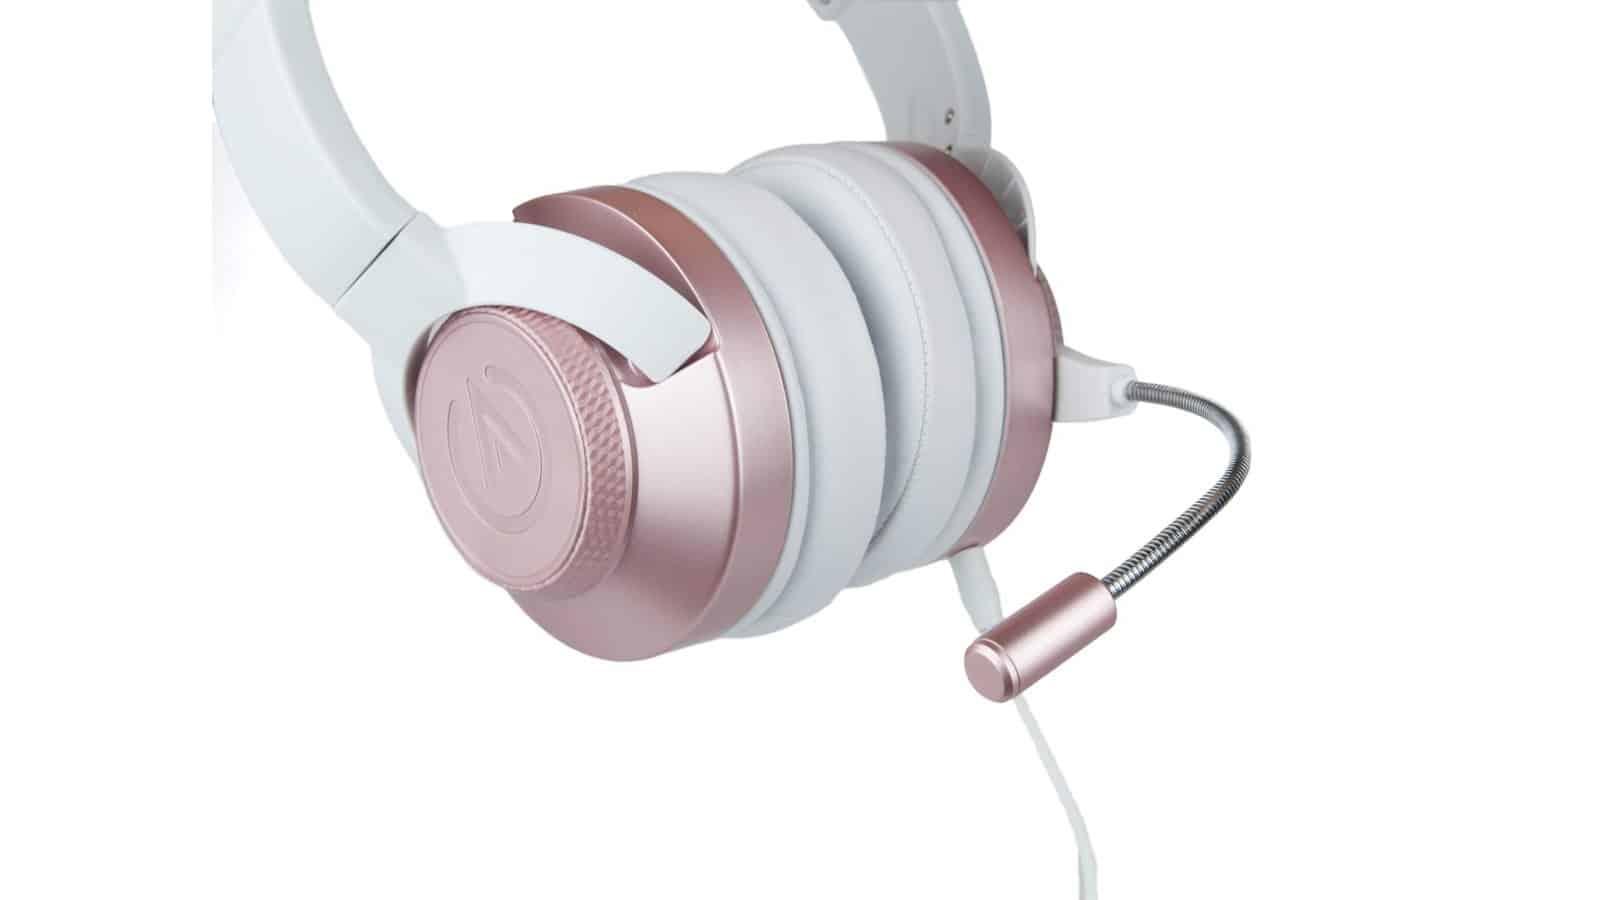 אוזניות חוטיות ורודות עם מיקרופון